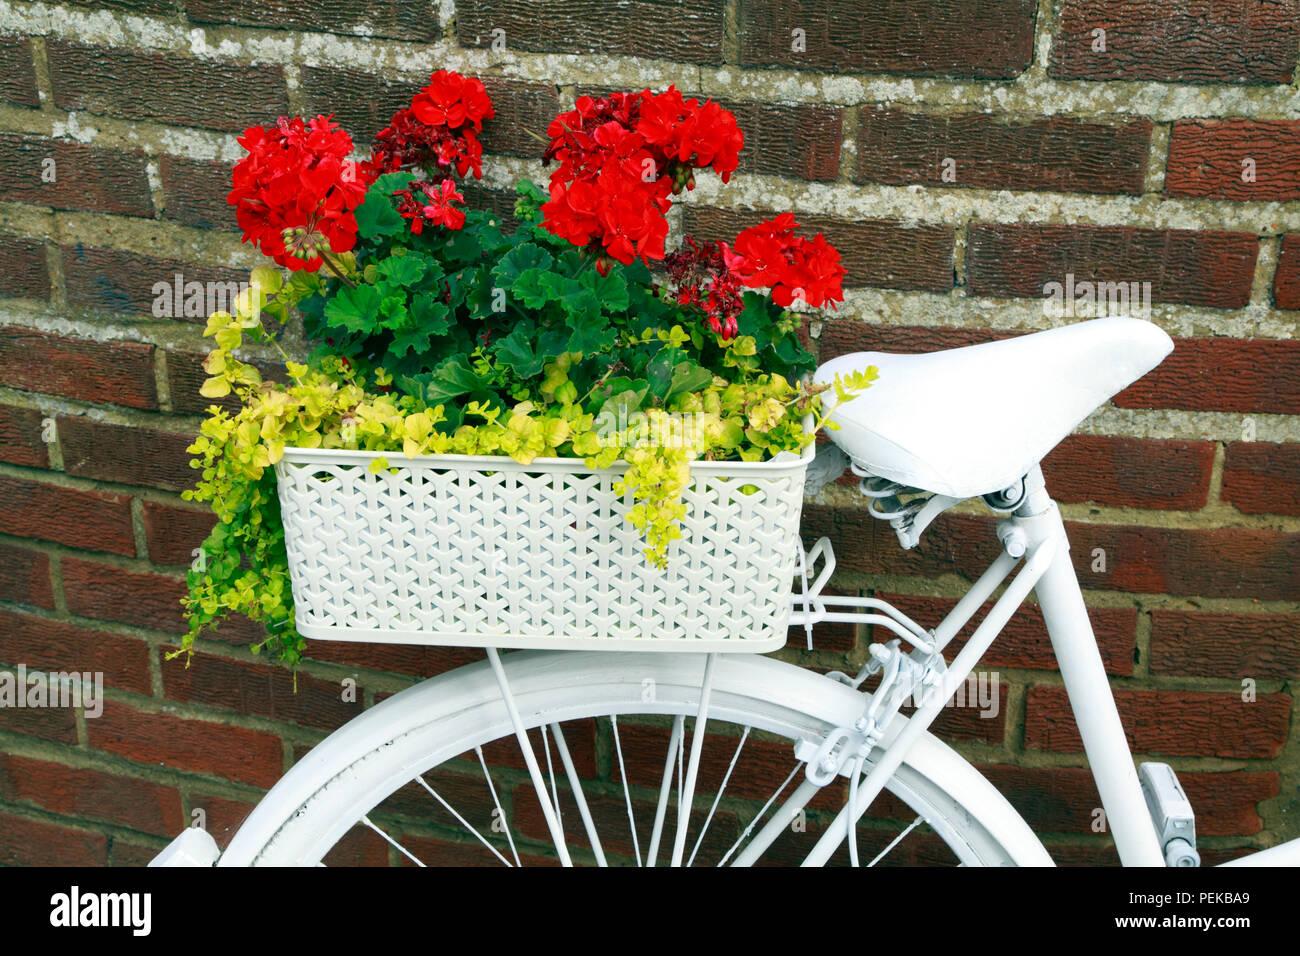 Hunstanton en Flor, planta inusual contenedor, bicicletas pintadas de blanco, plantas de jardín Imagen De Stock